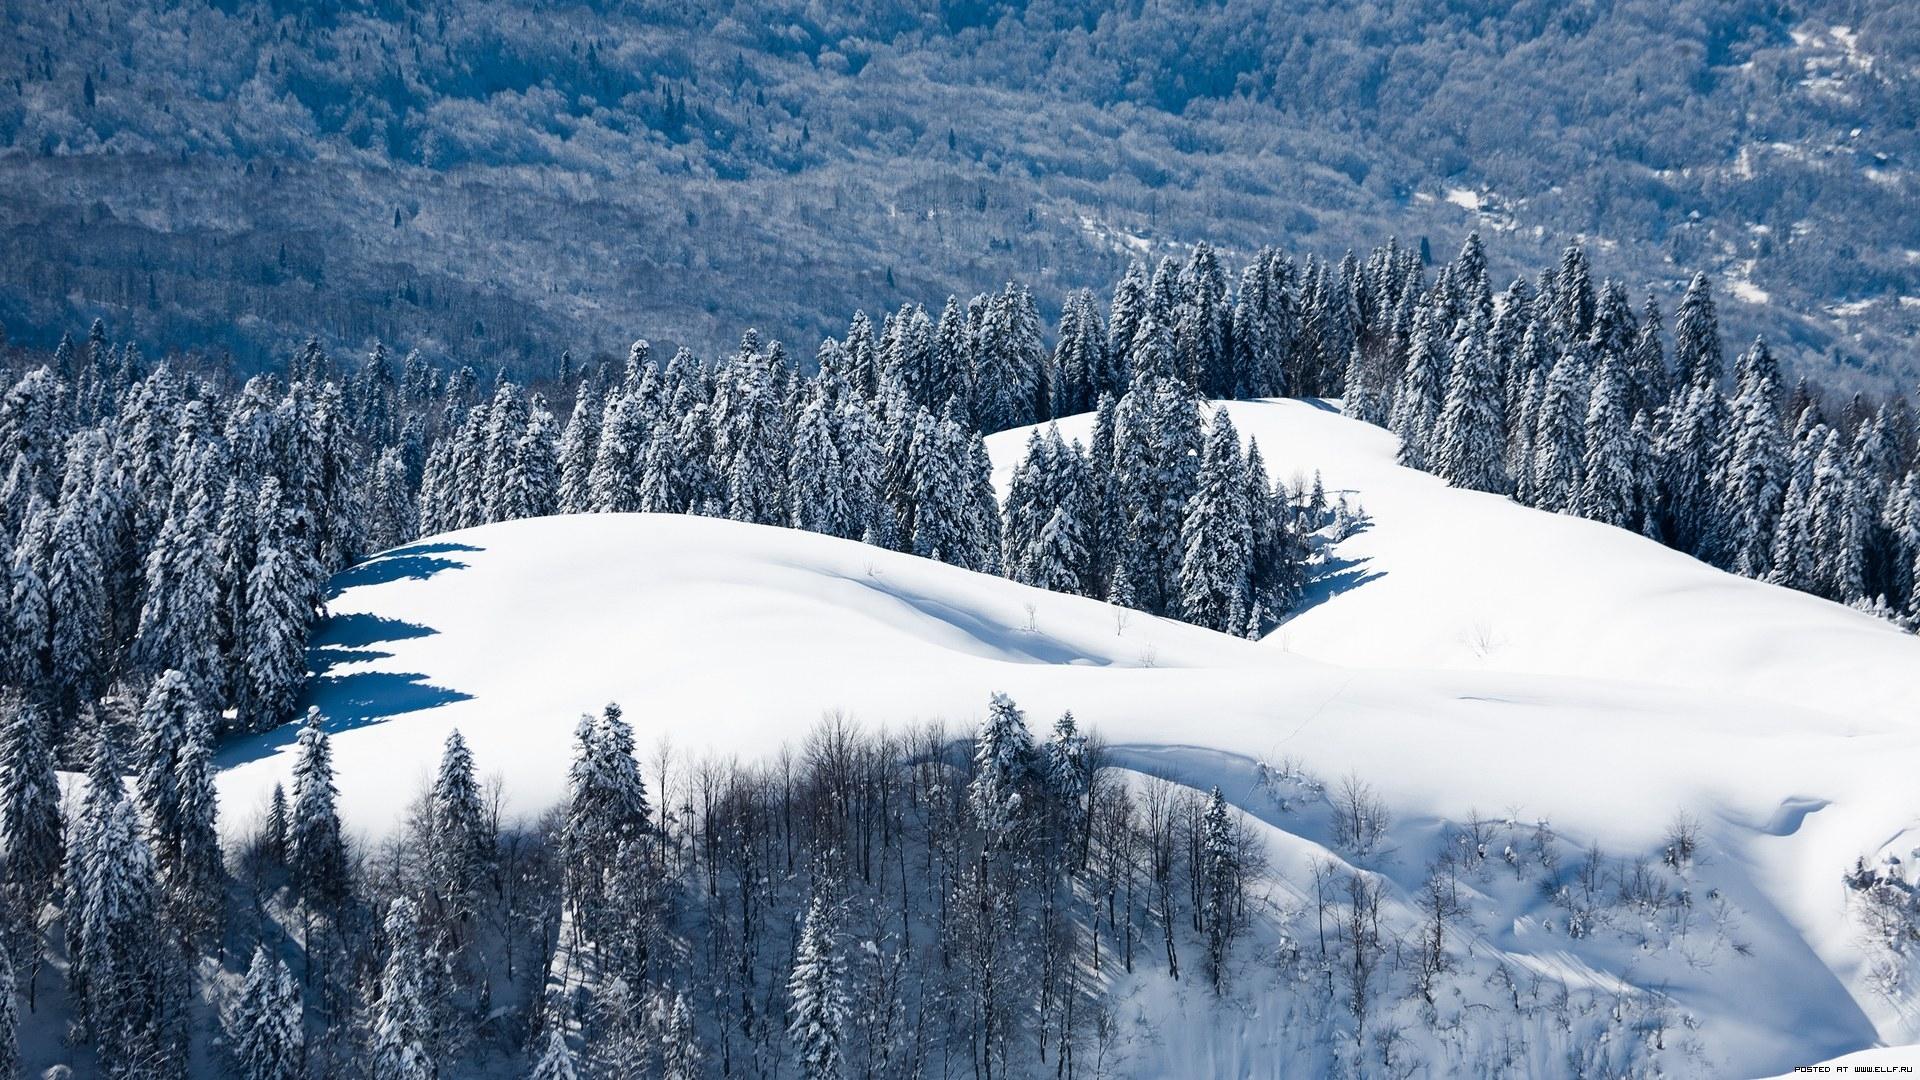 26335 скачать обои Пейзаж, Зима, Деревья, Горы, Снег - заставки и картинки бесплатно